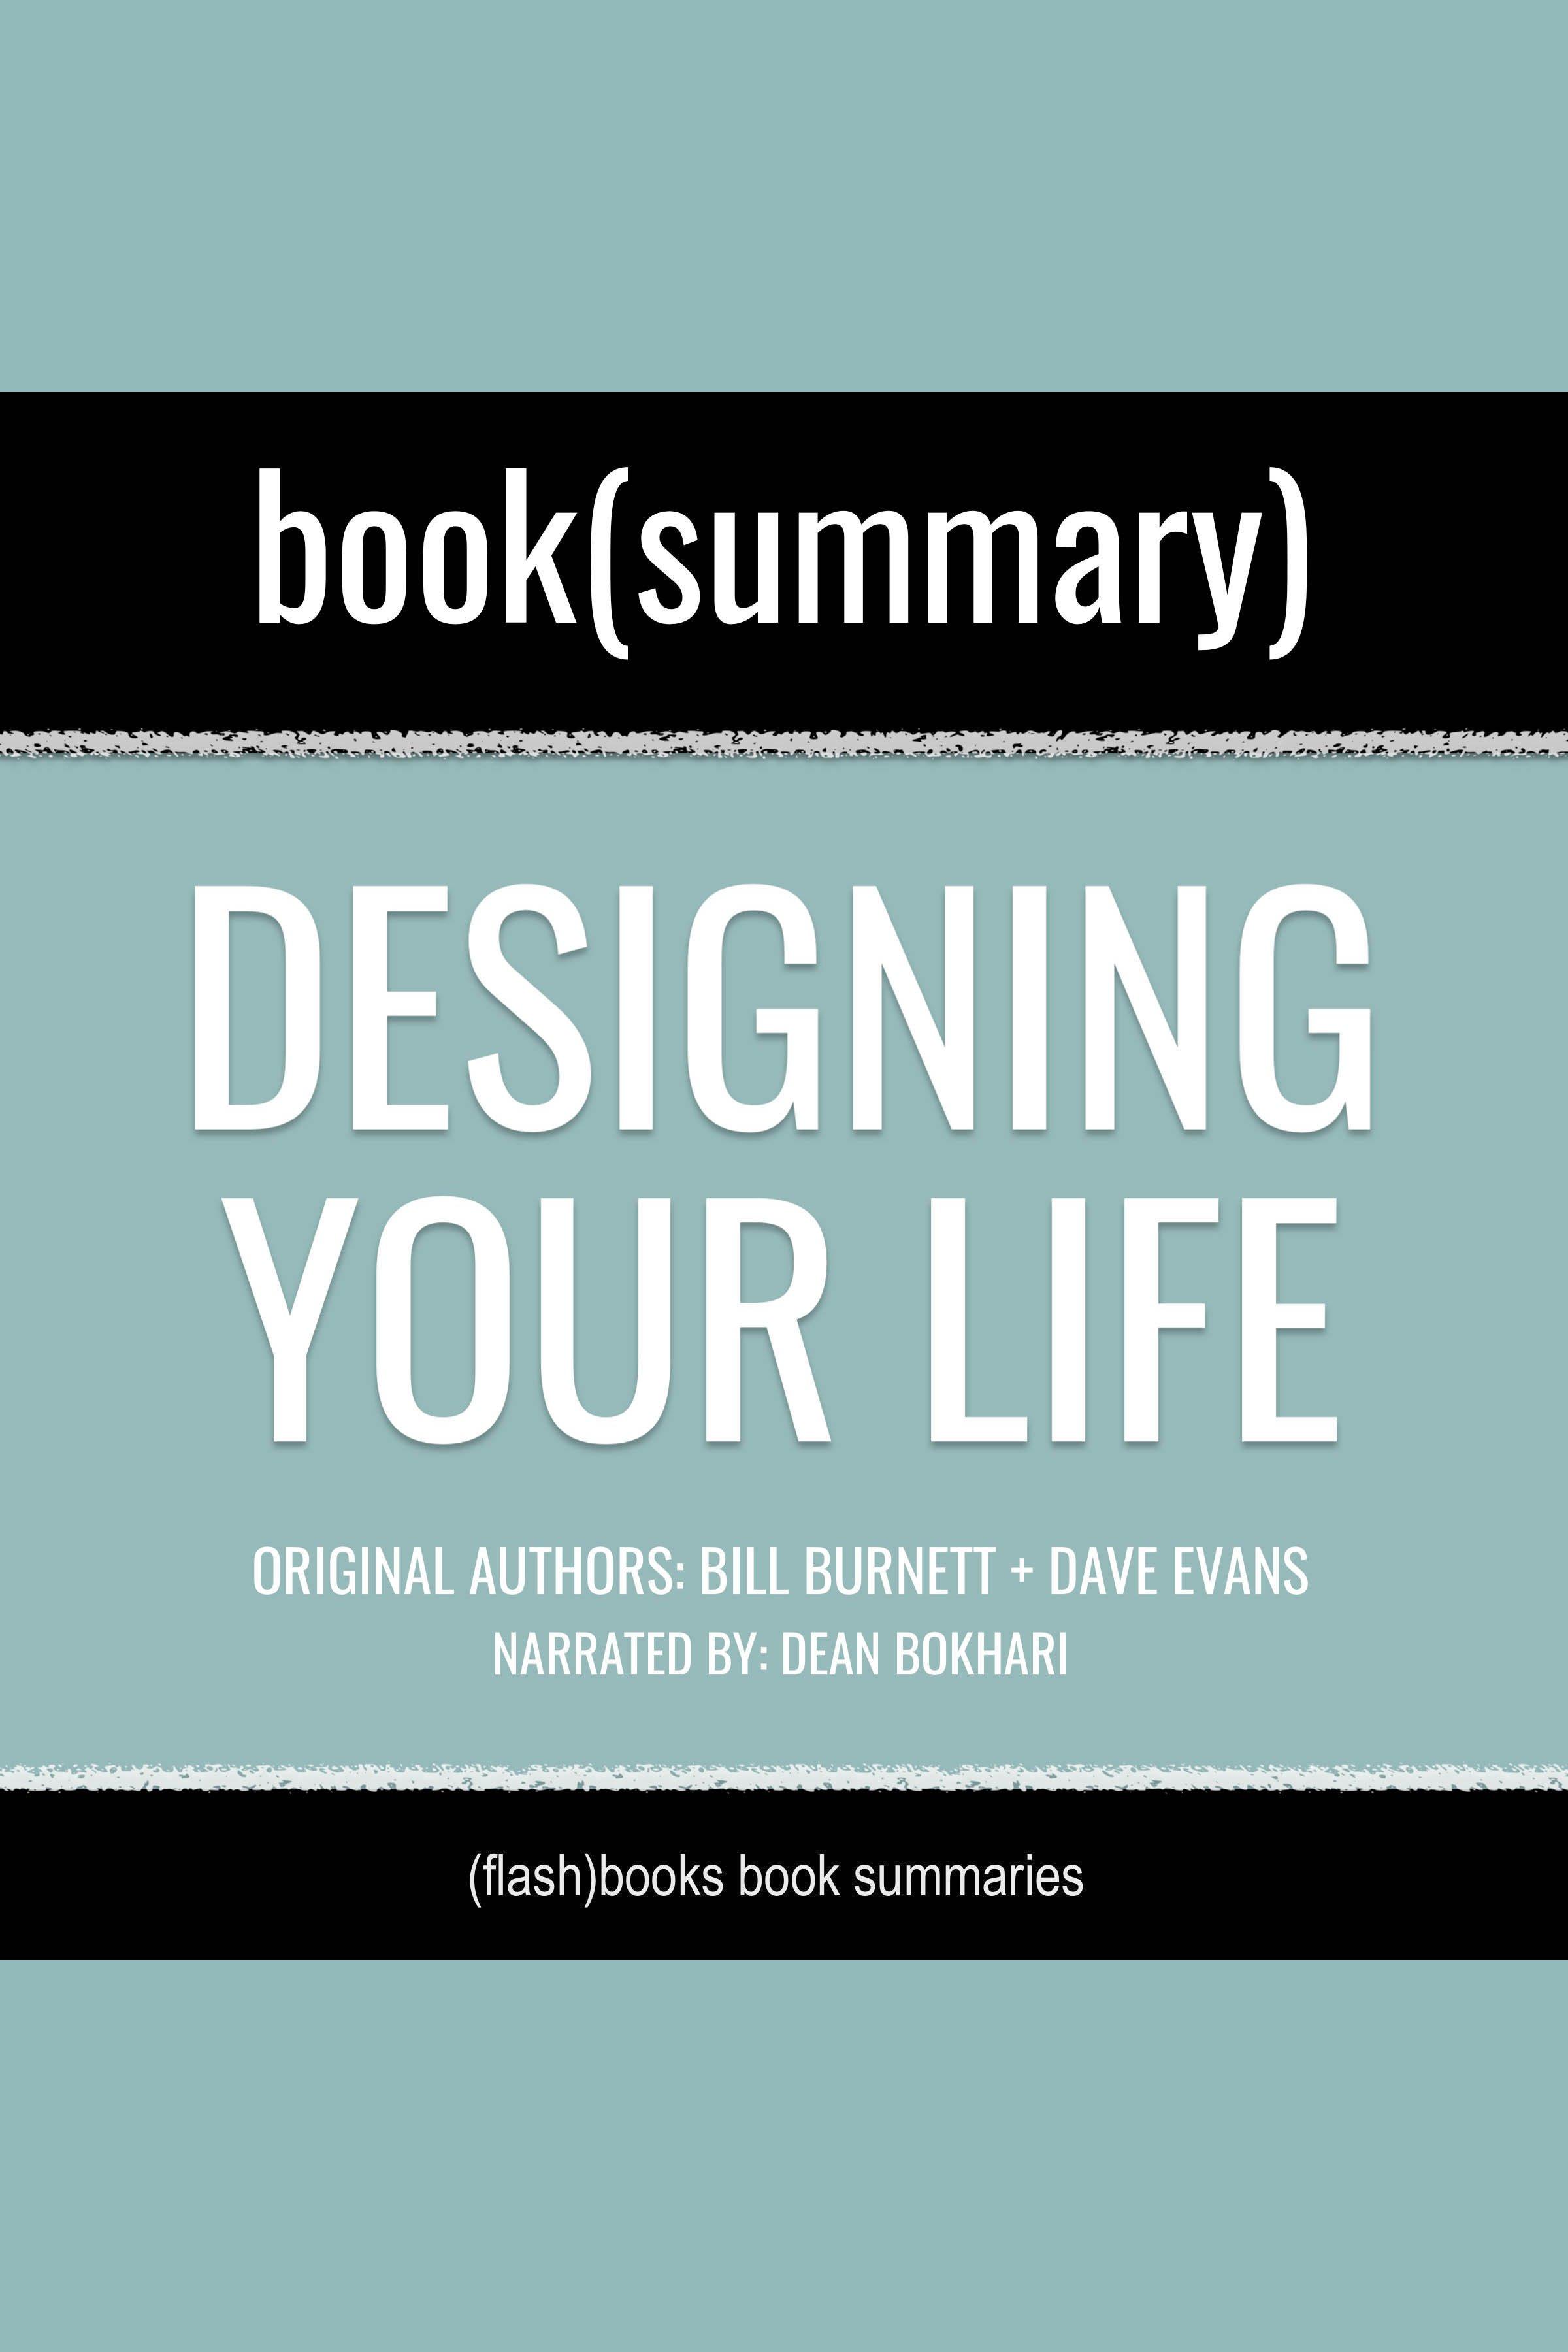 Esta es la portada del audiolibro Designing Your Life by Bill Burnett, Dave Evans - Book Summary